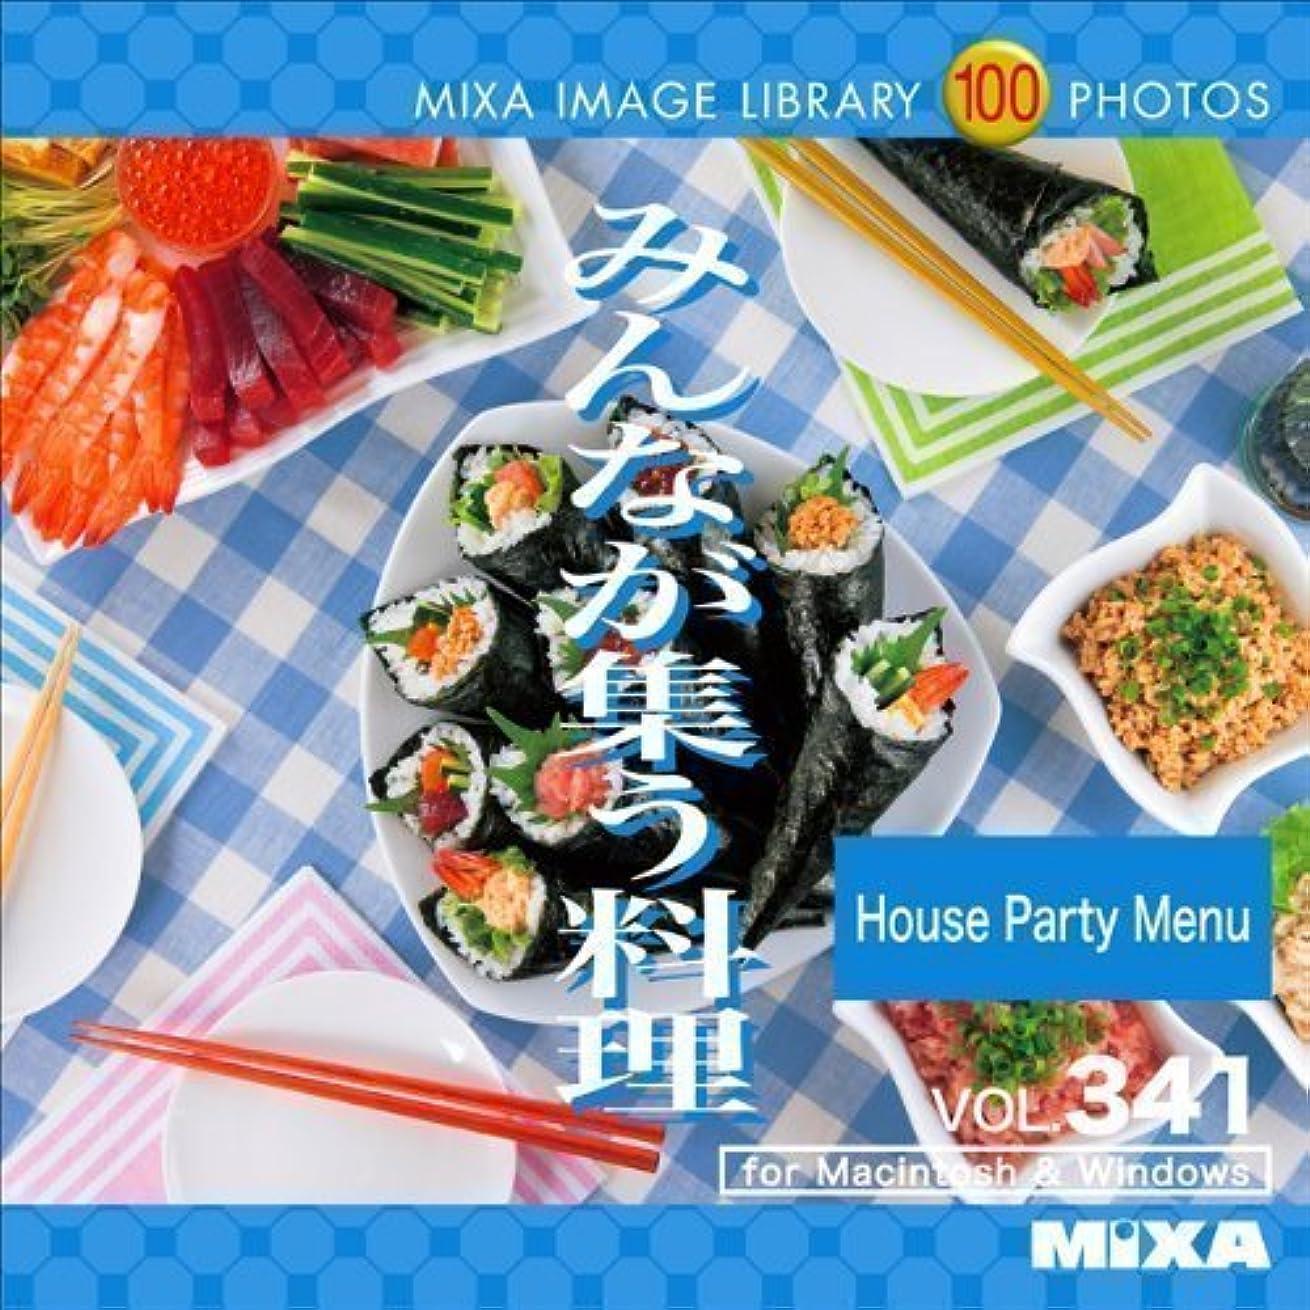 アリーナスポンジ記者MIXA Image Library Vol.341 みんなが集う料理